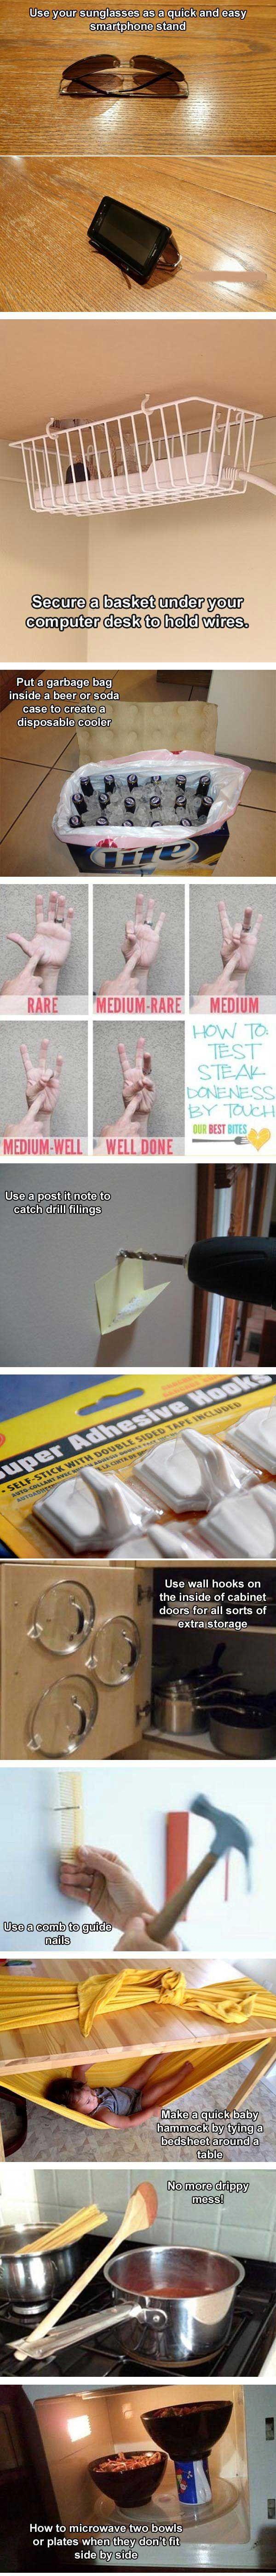 10 Useful Lifehacks!